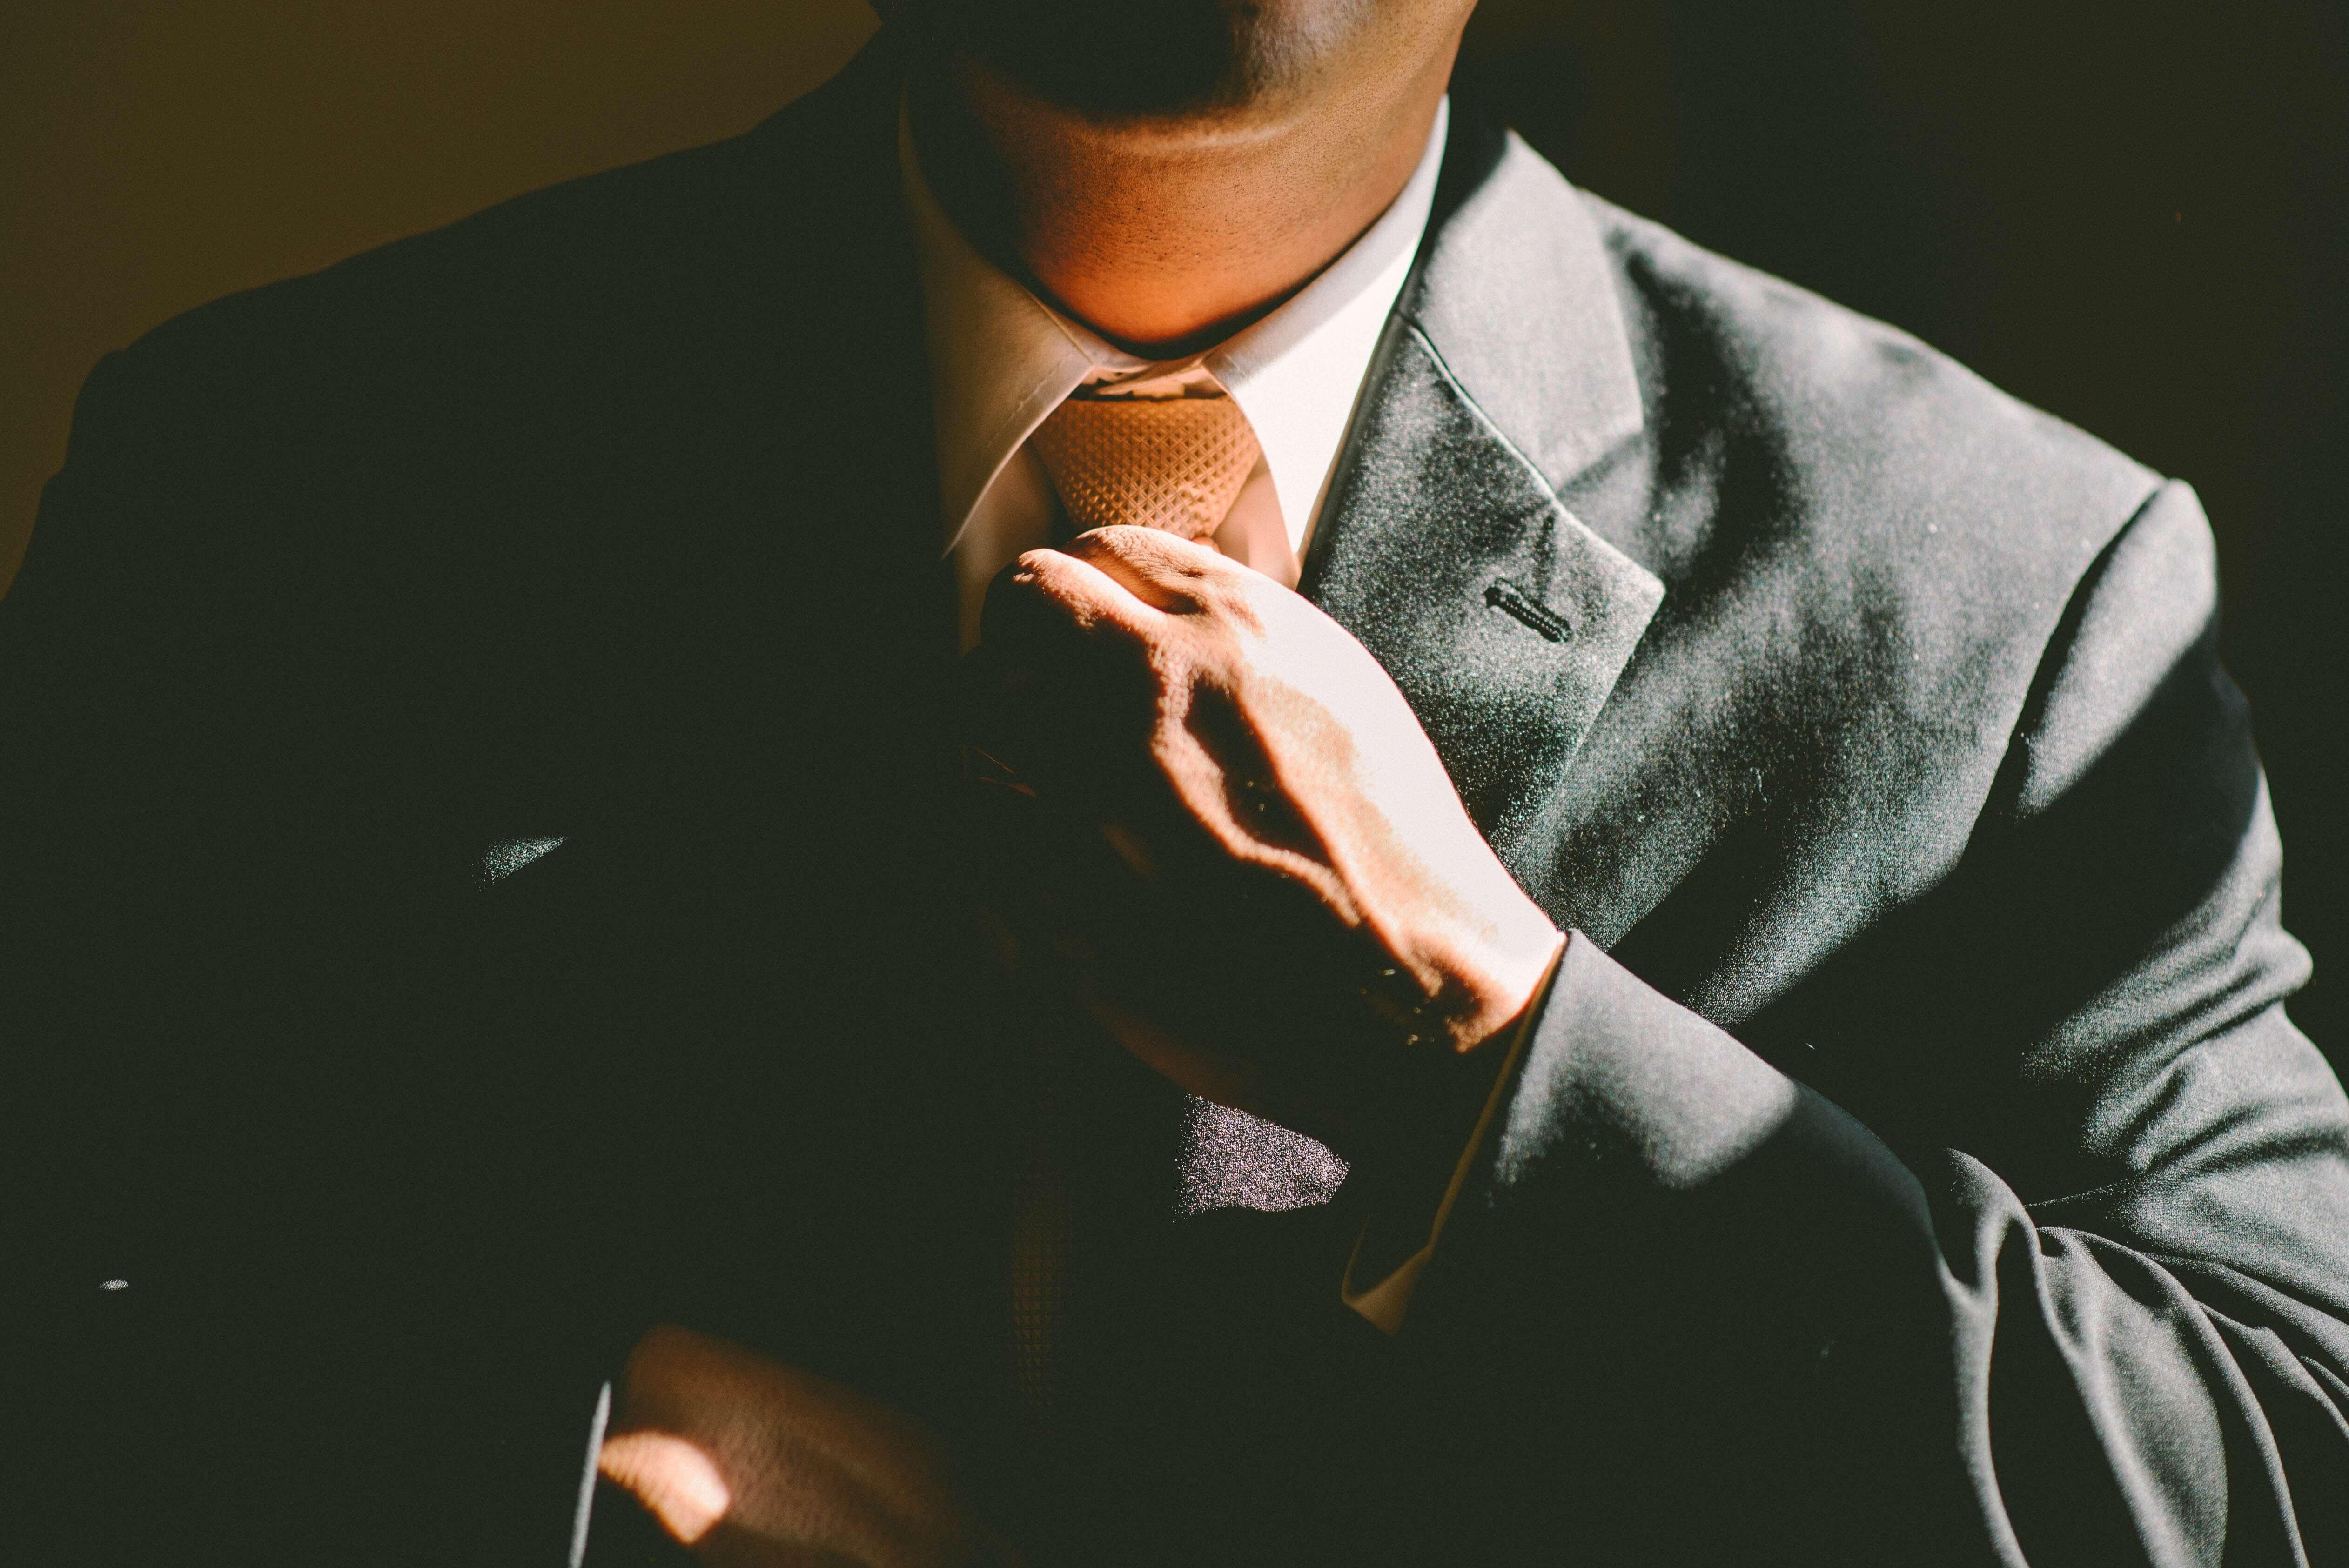 riconoscere un agente immobiliare qualificato